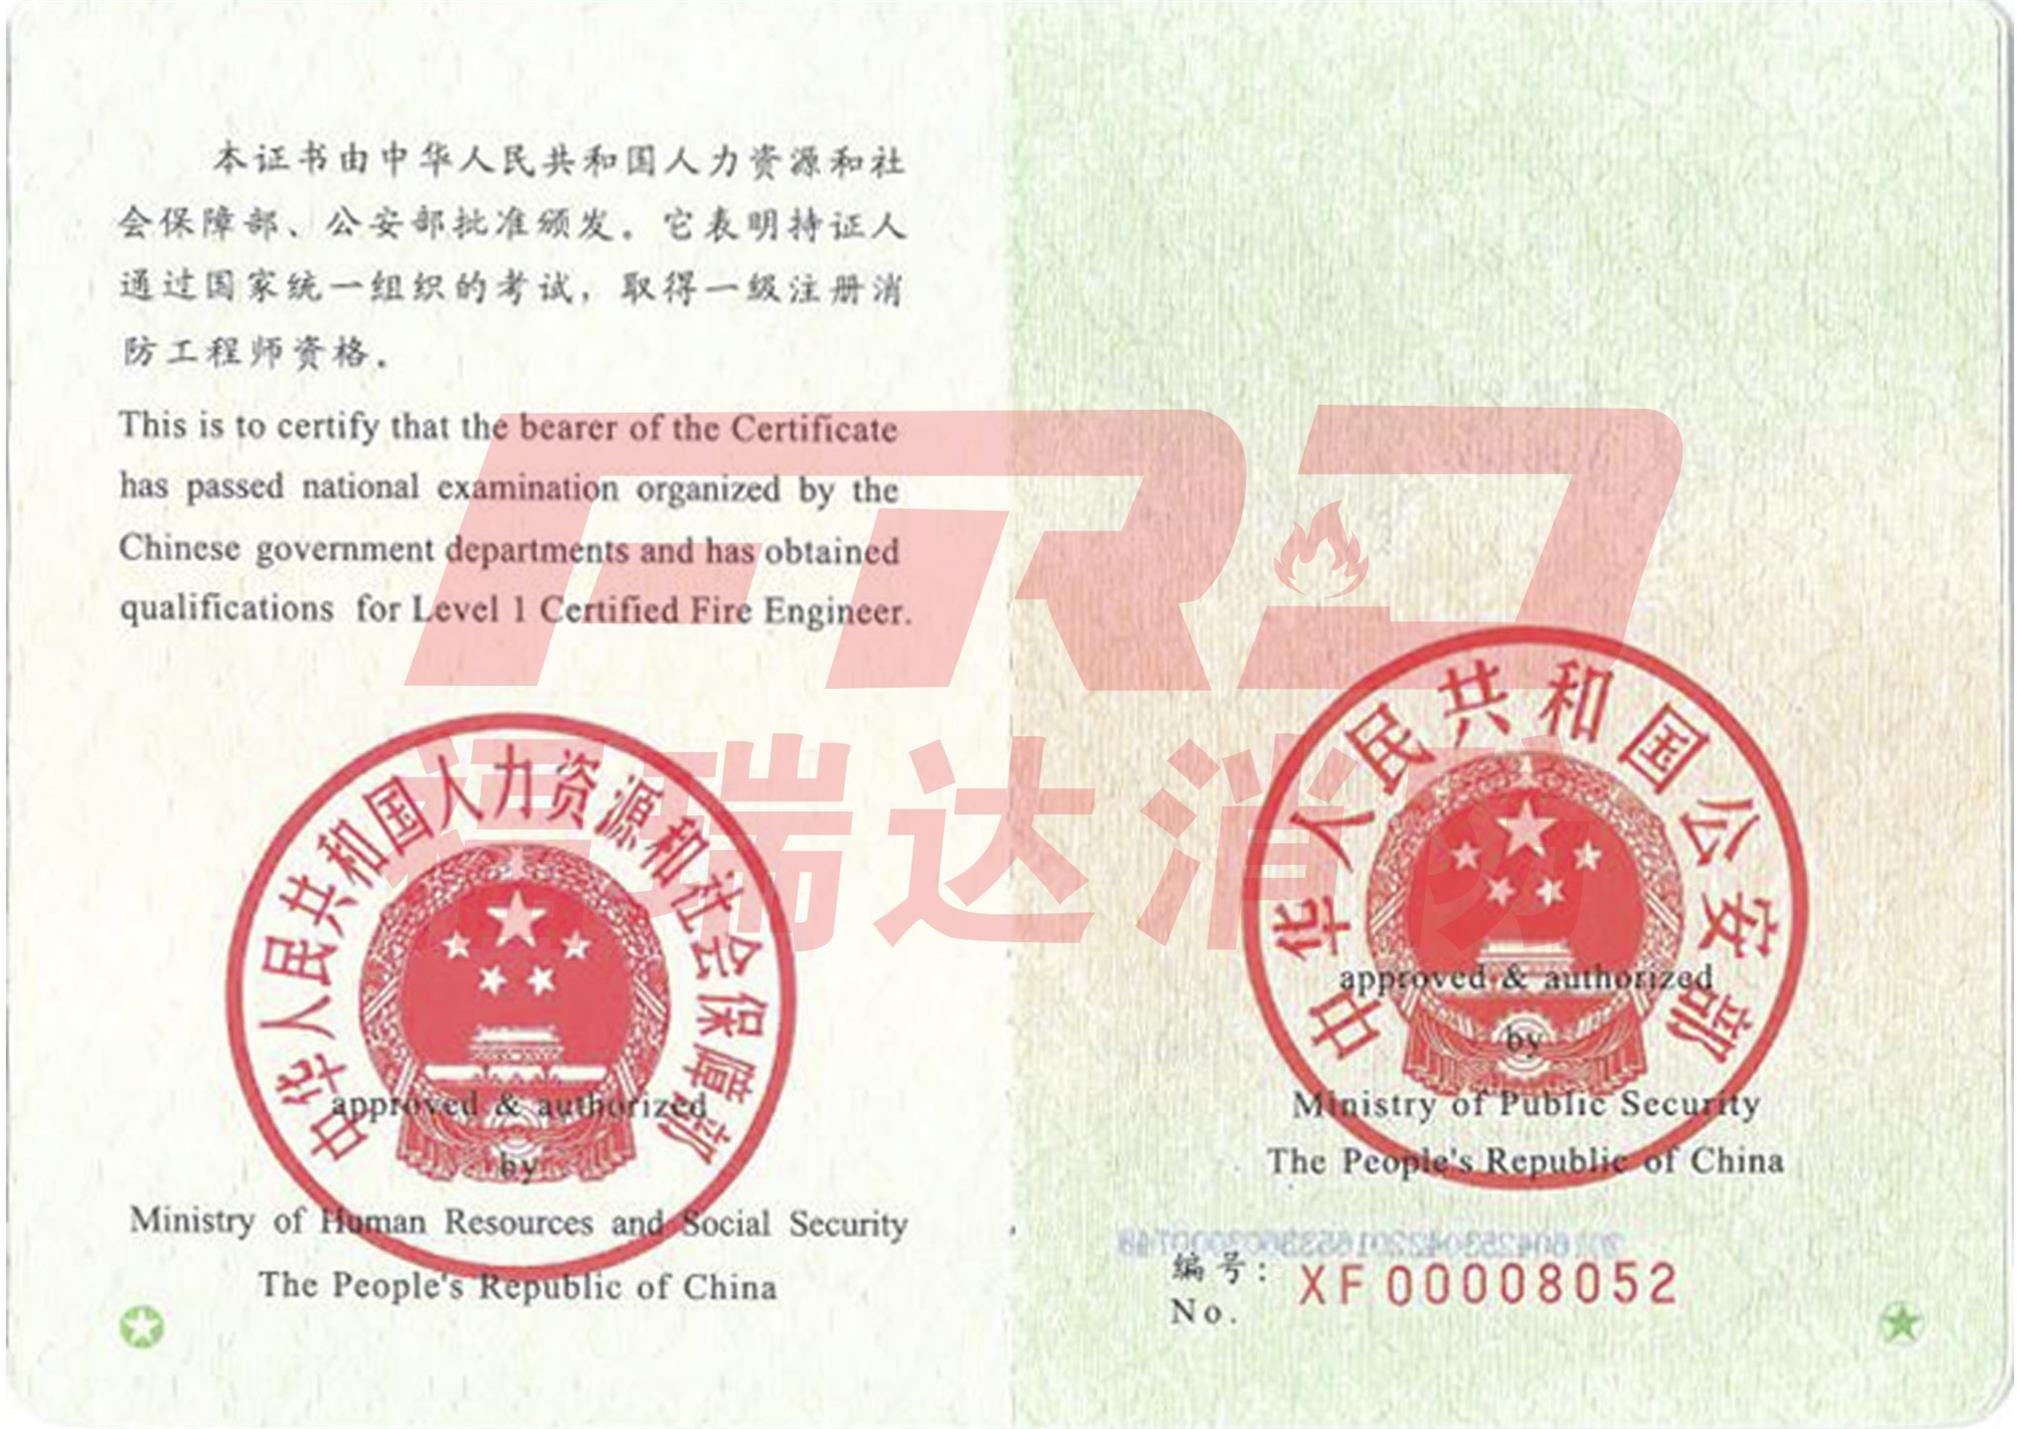 一级注册消防工程师资格证书内页